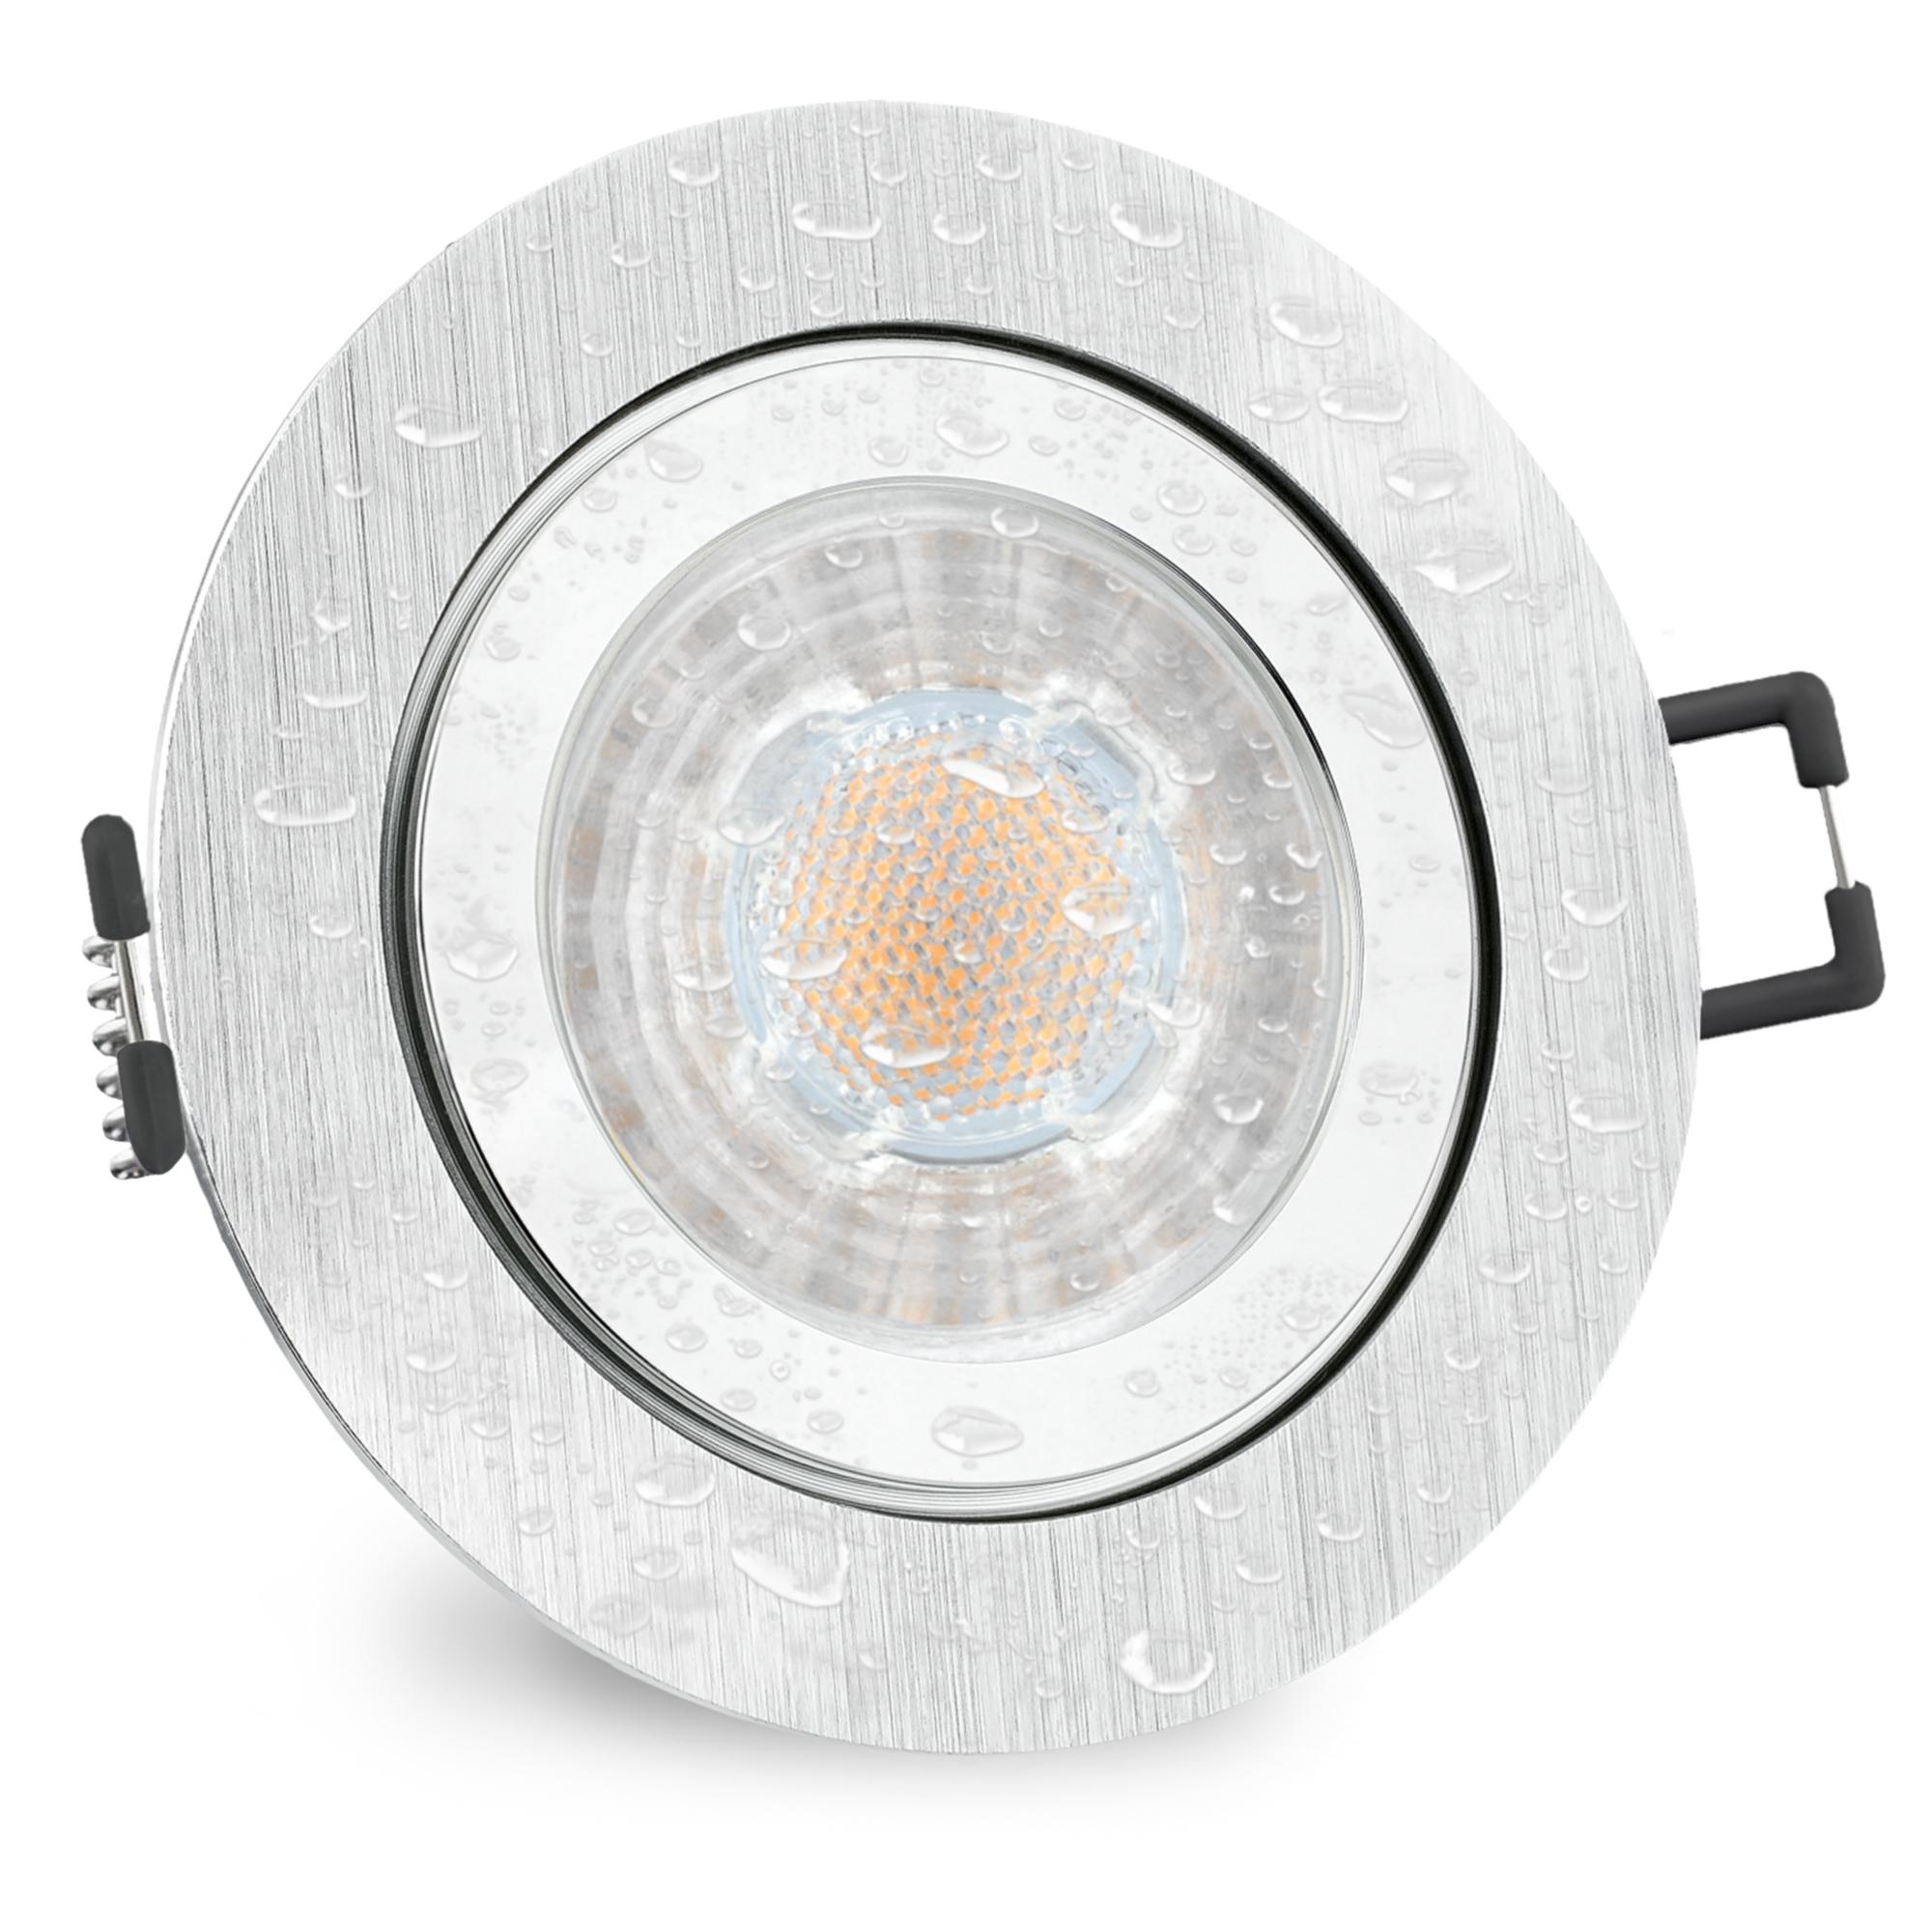 RW-1 LED-Einbaustrahler Edelstahl gebürstet IP65 5W warmweiß GU10 innen//außen